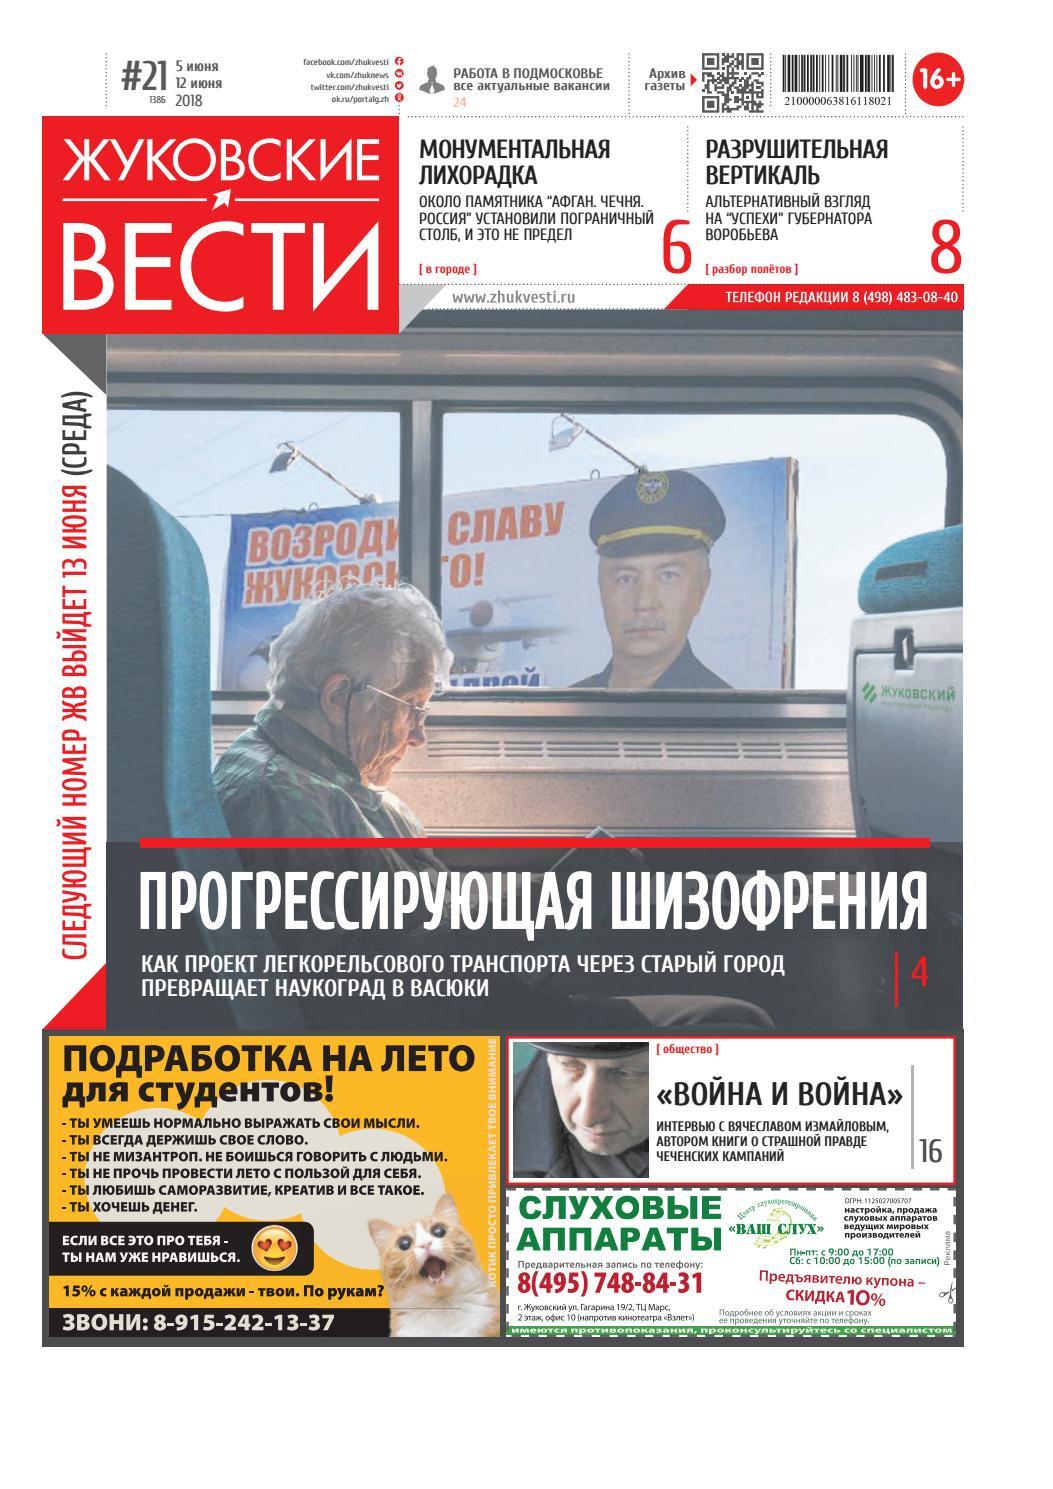 Пластиковые окна Домодедово: 5 способов защитить себя от обмана 93